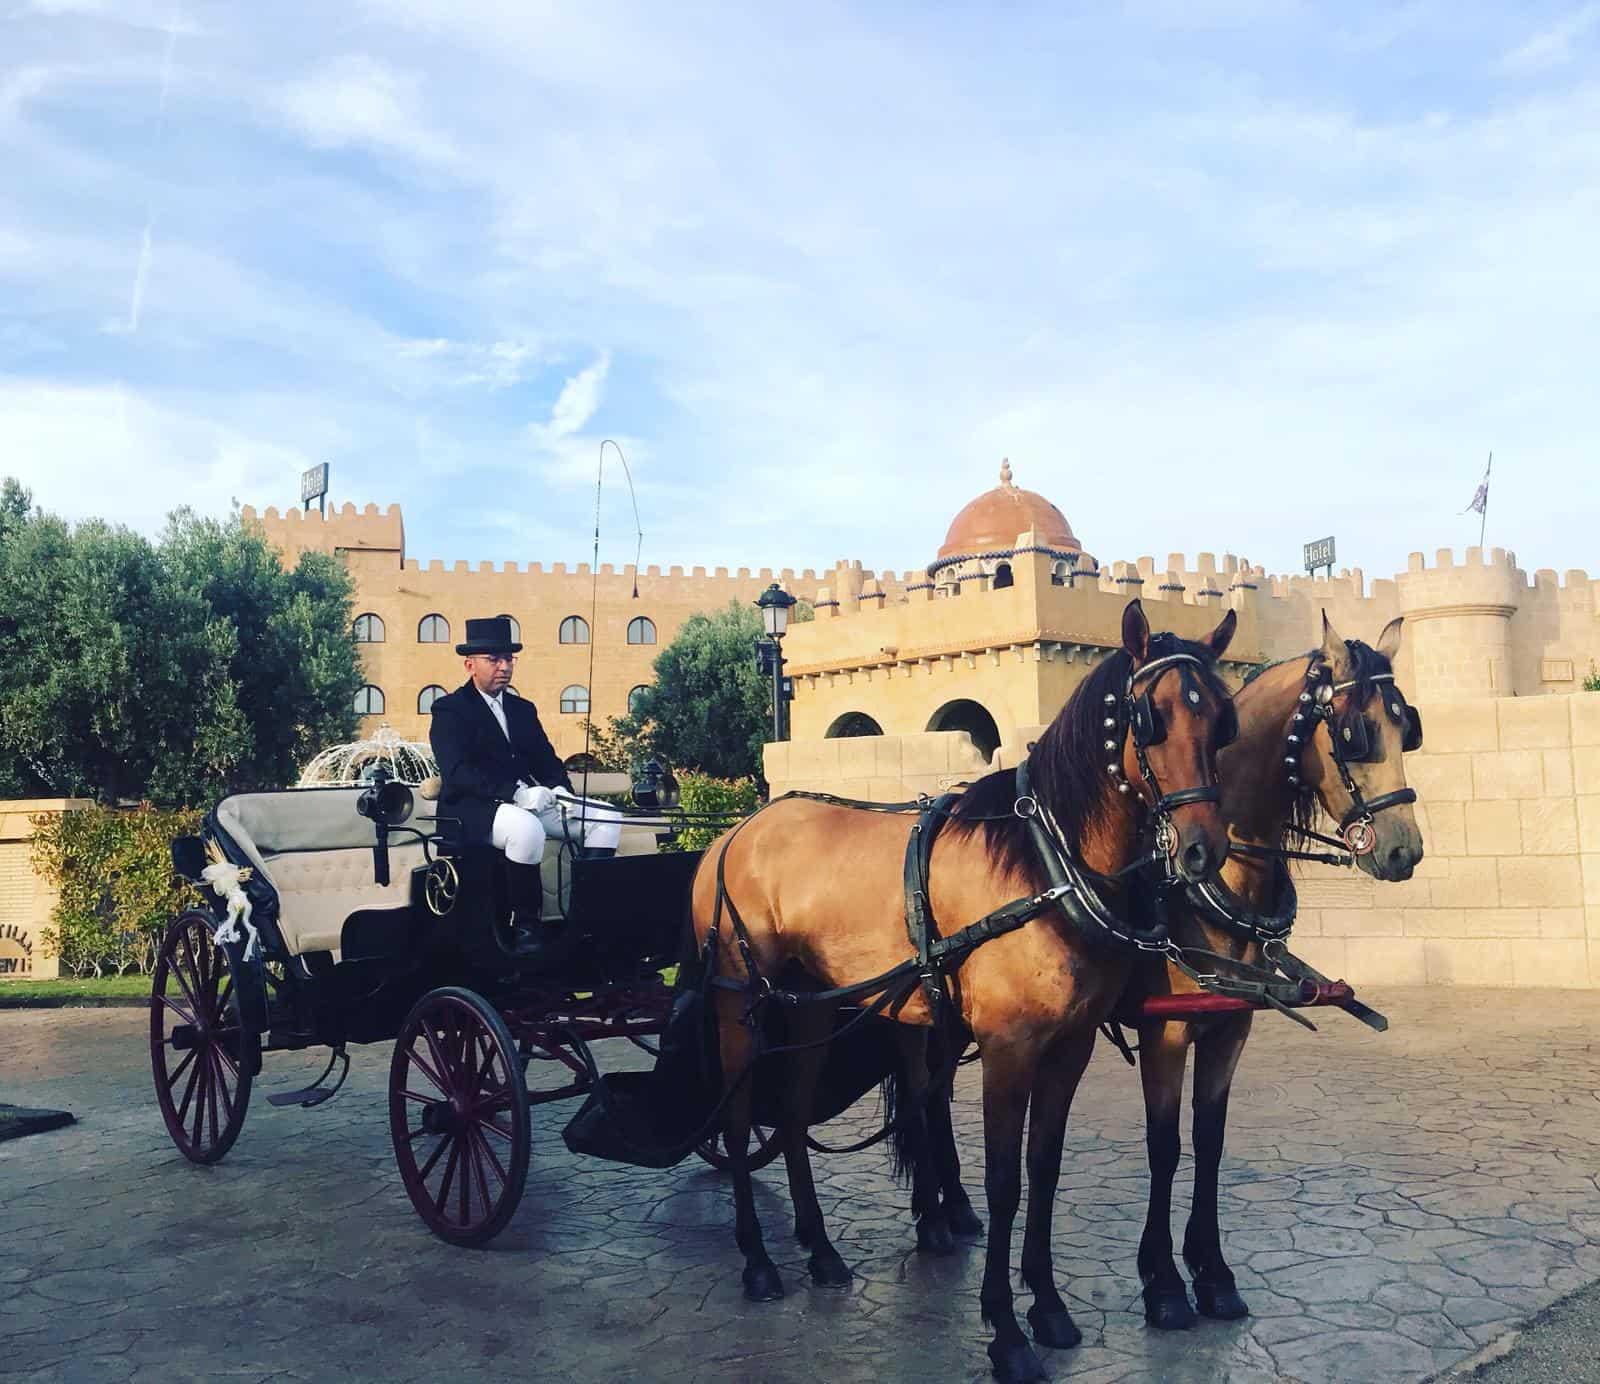 la llegada de los novios en carruaje de caballos